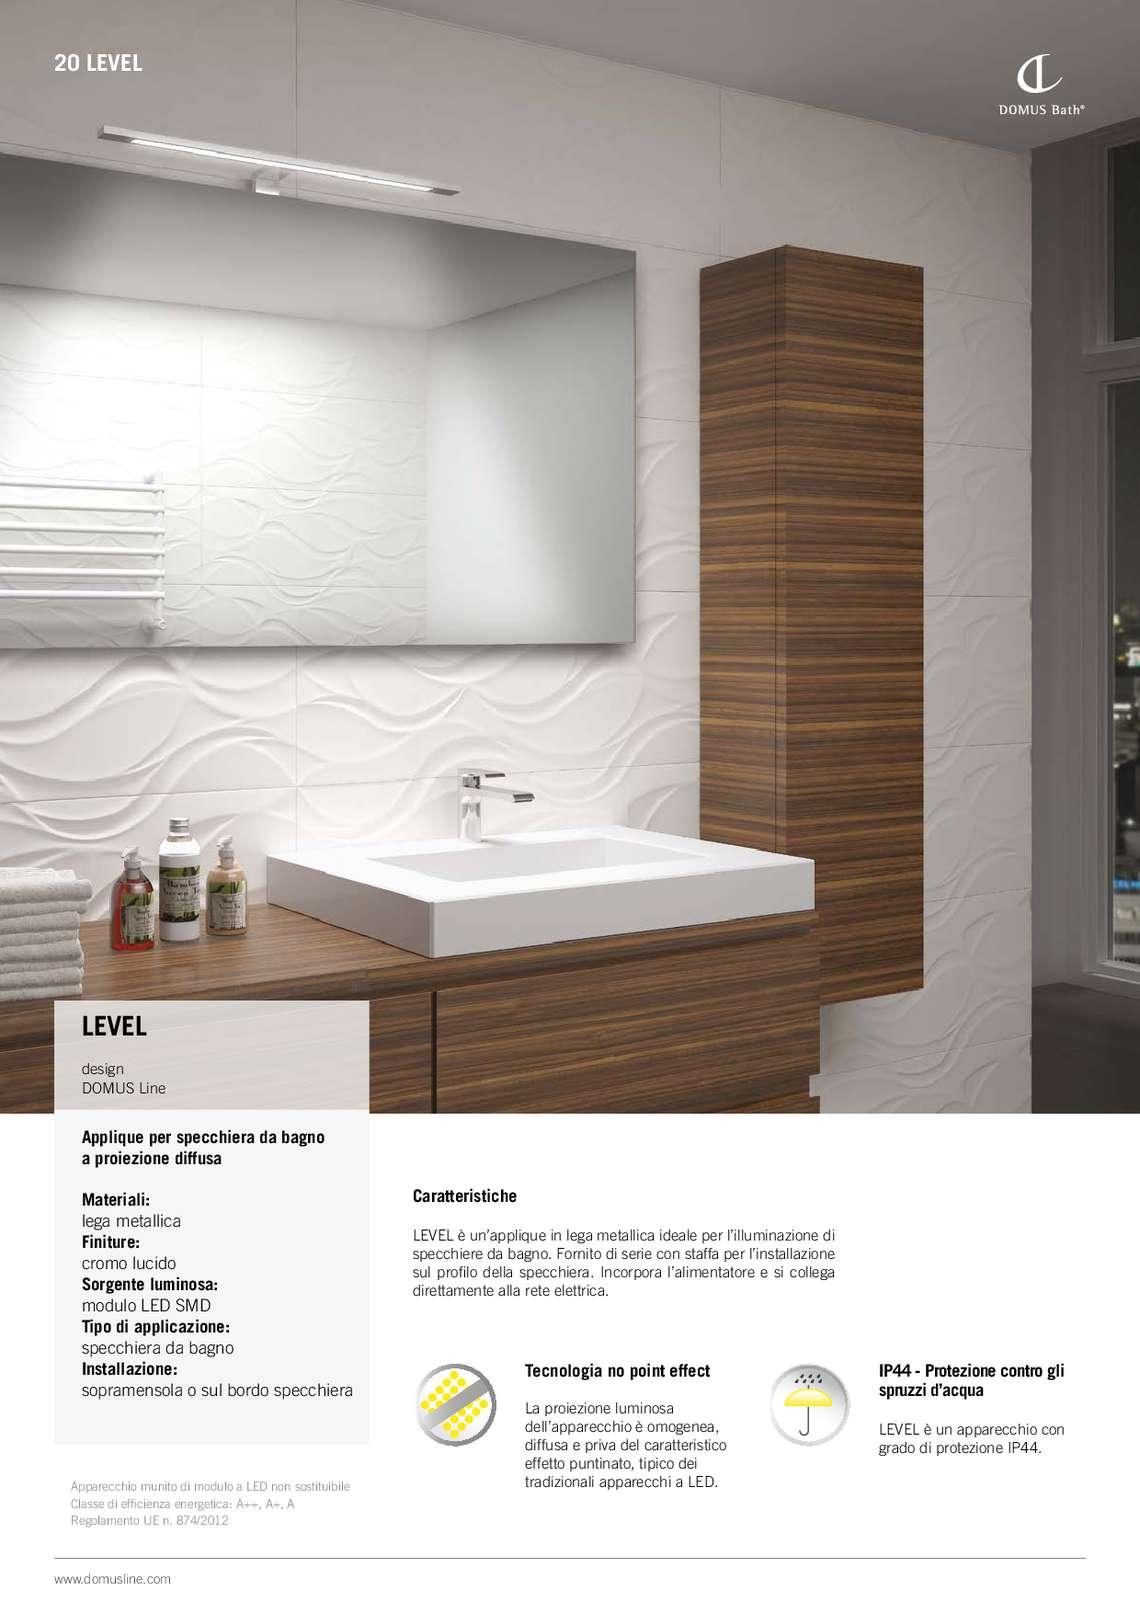 domus-line-bath_24_020.jpg